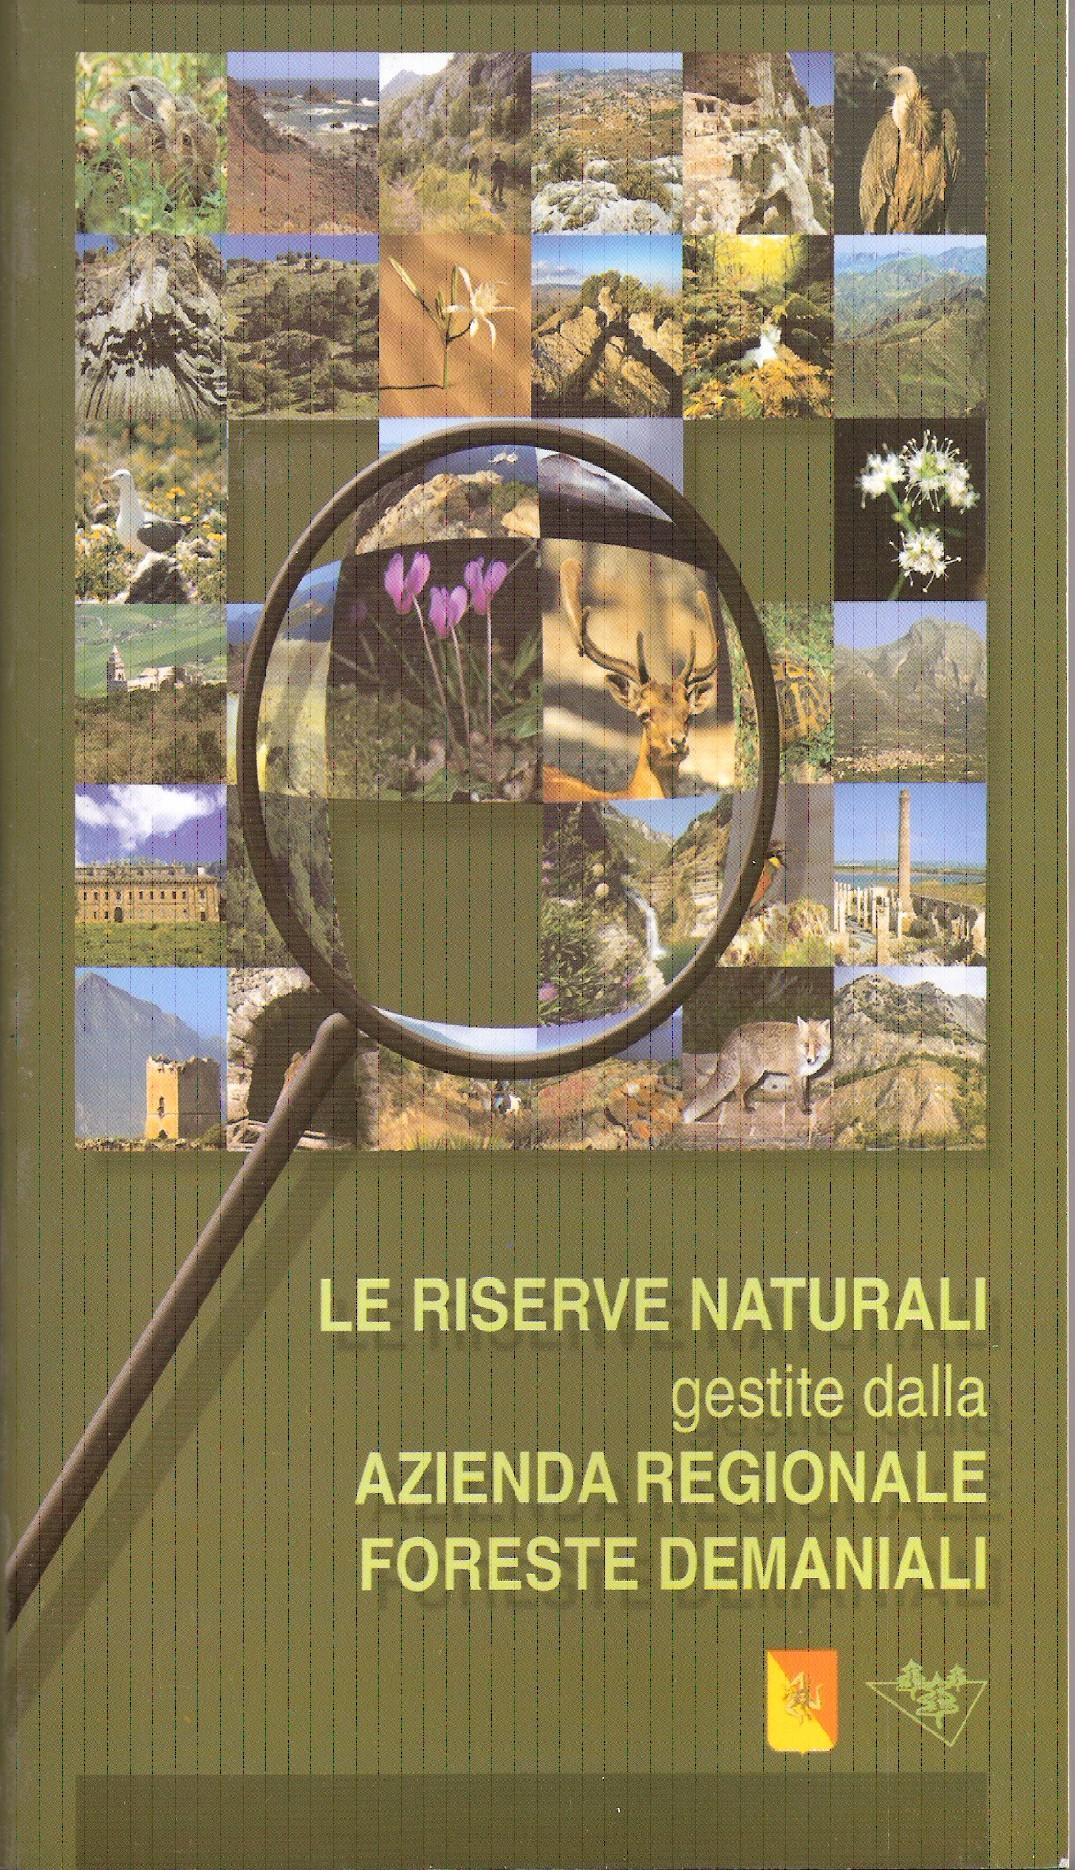 Le riserve naturali gestite dall' Azienda Regionale Foreste Demaniali